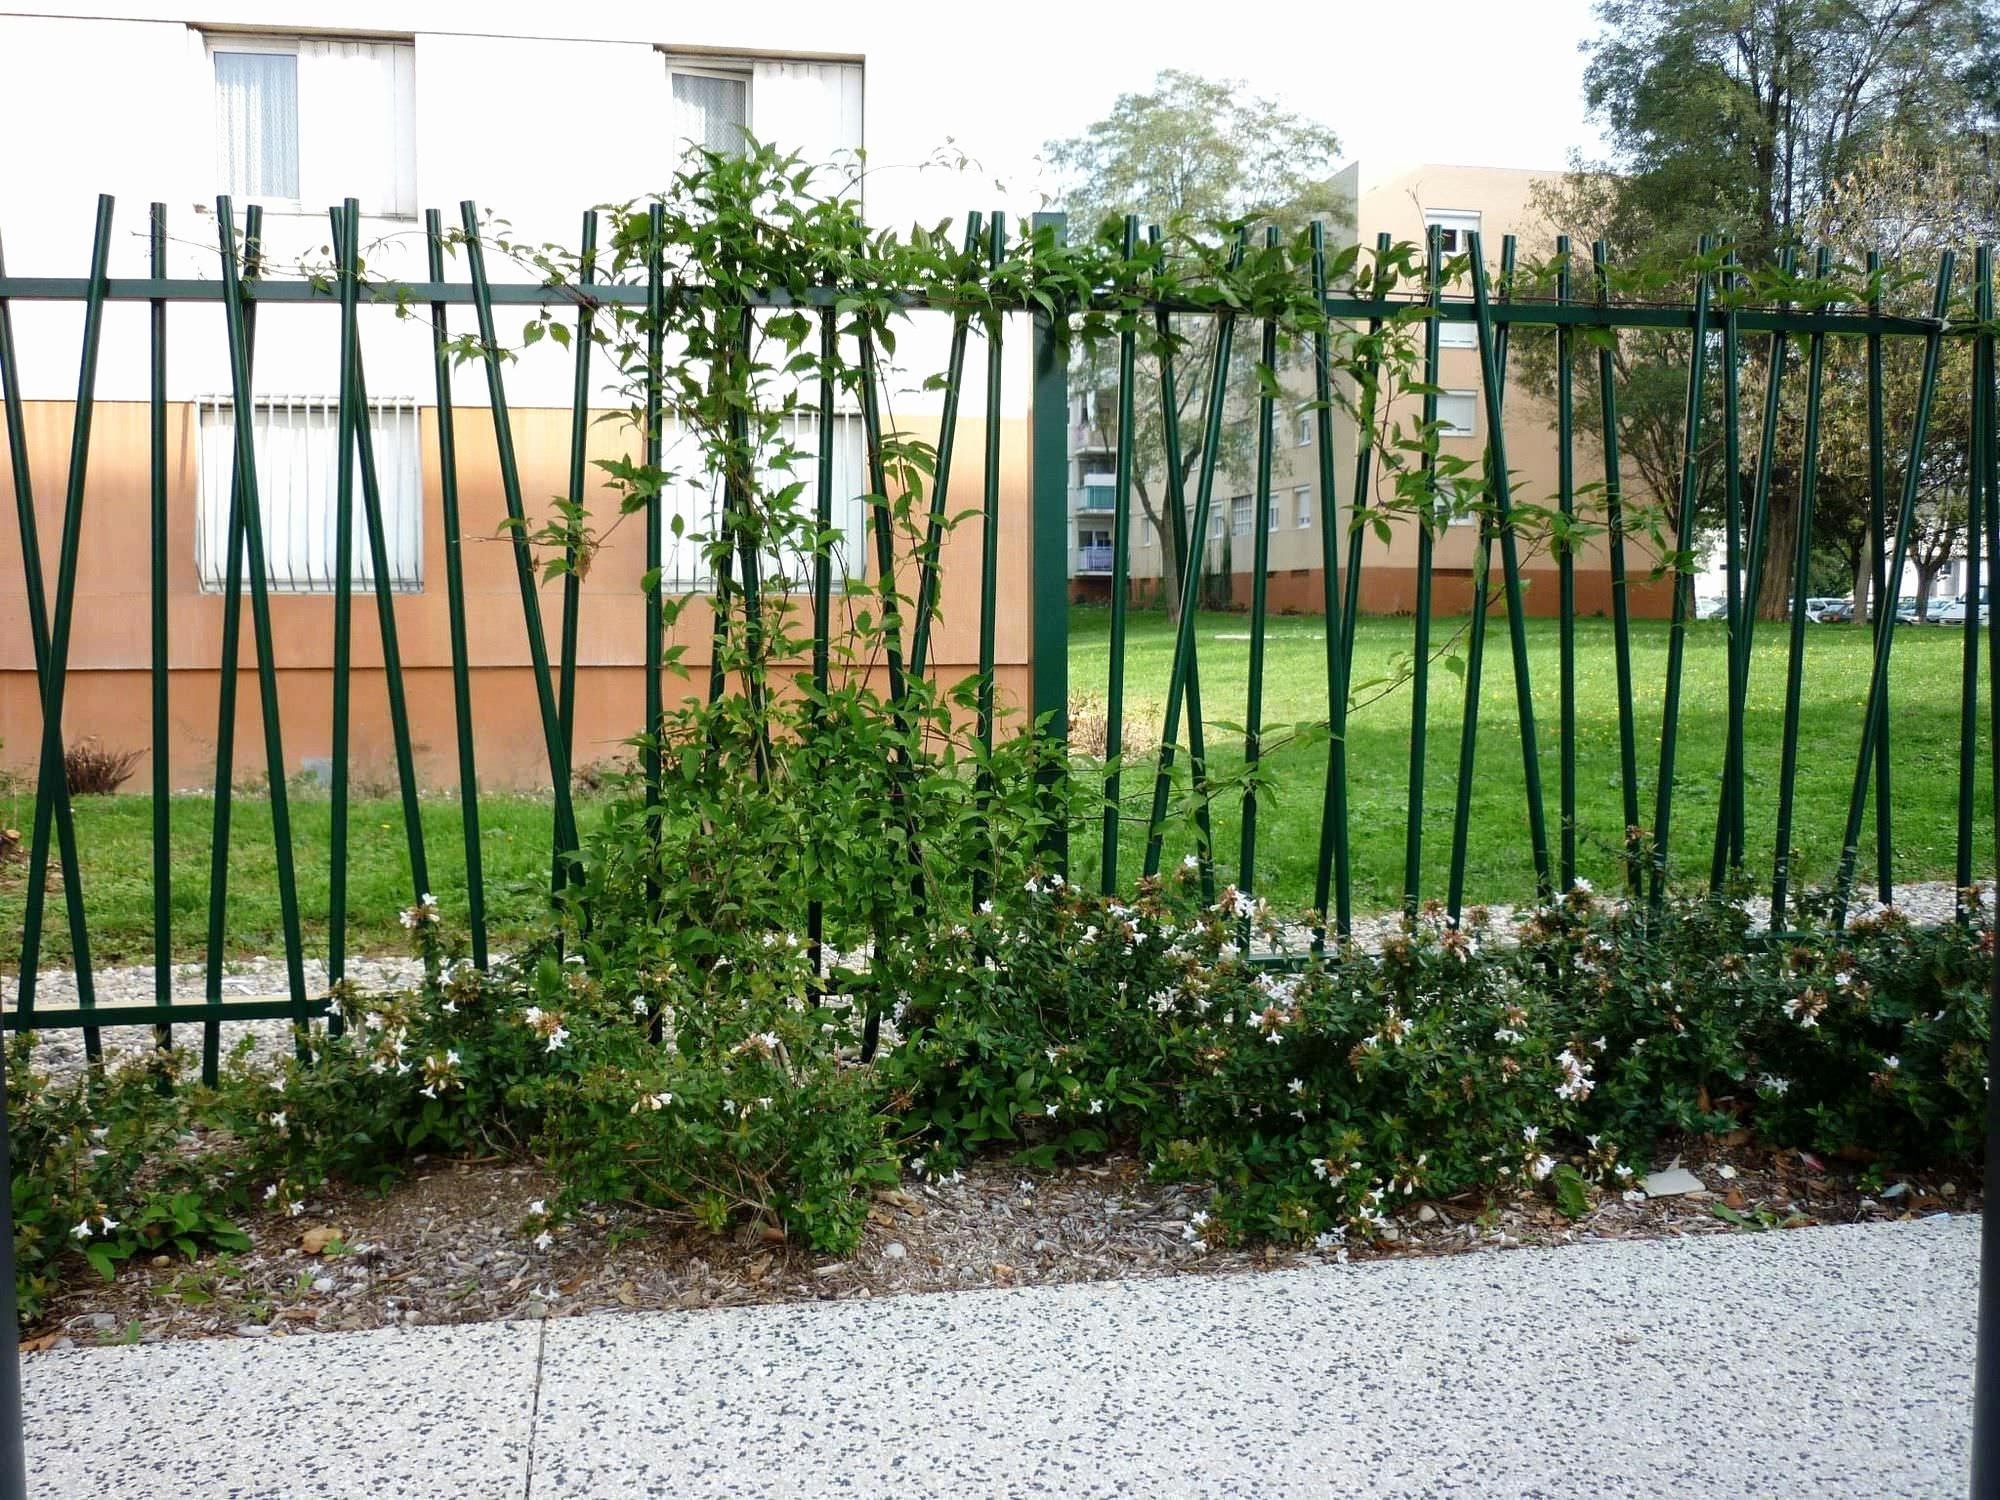 Abris Jardin Bois Castorama Impressionnant Collection Abri De Jardin Bois Castorama De Fantaisie Cabane De Jardin